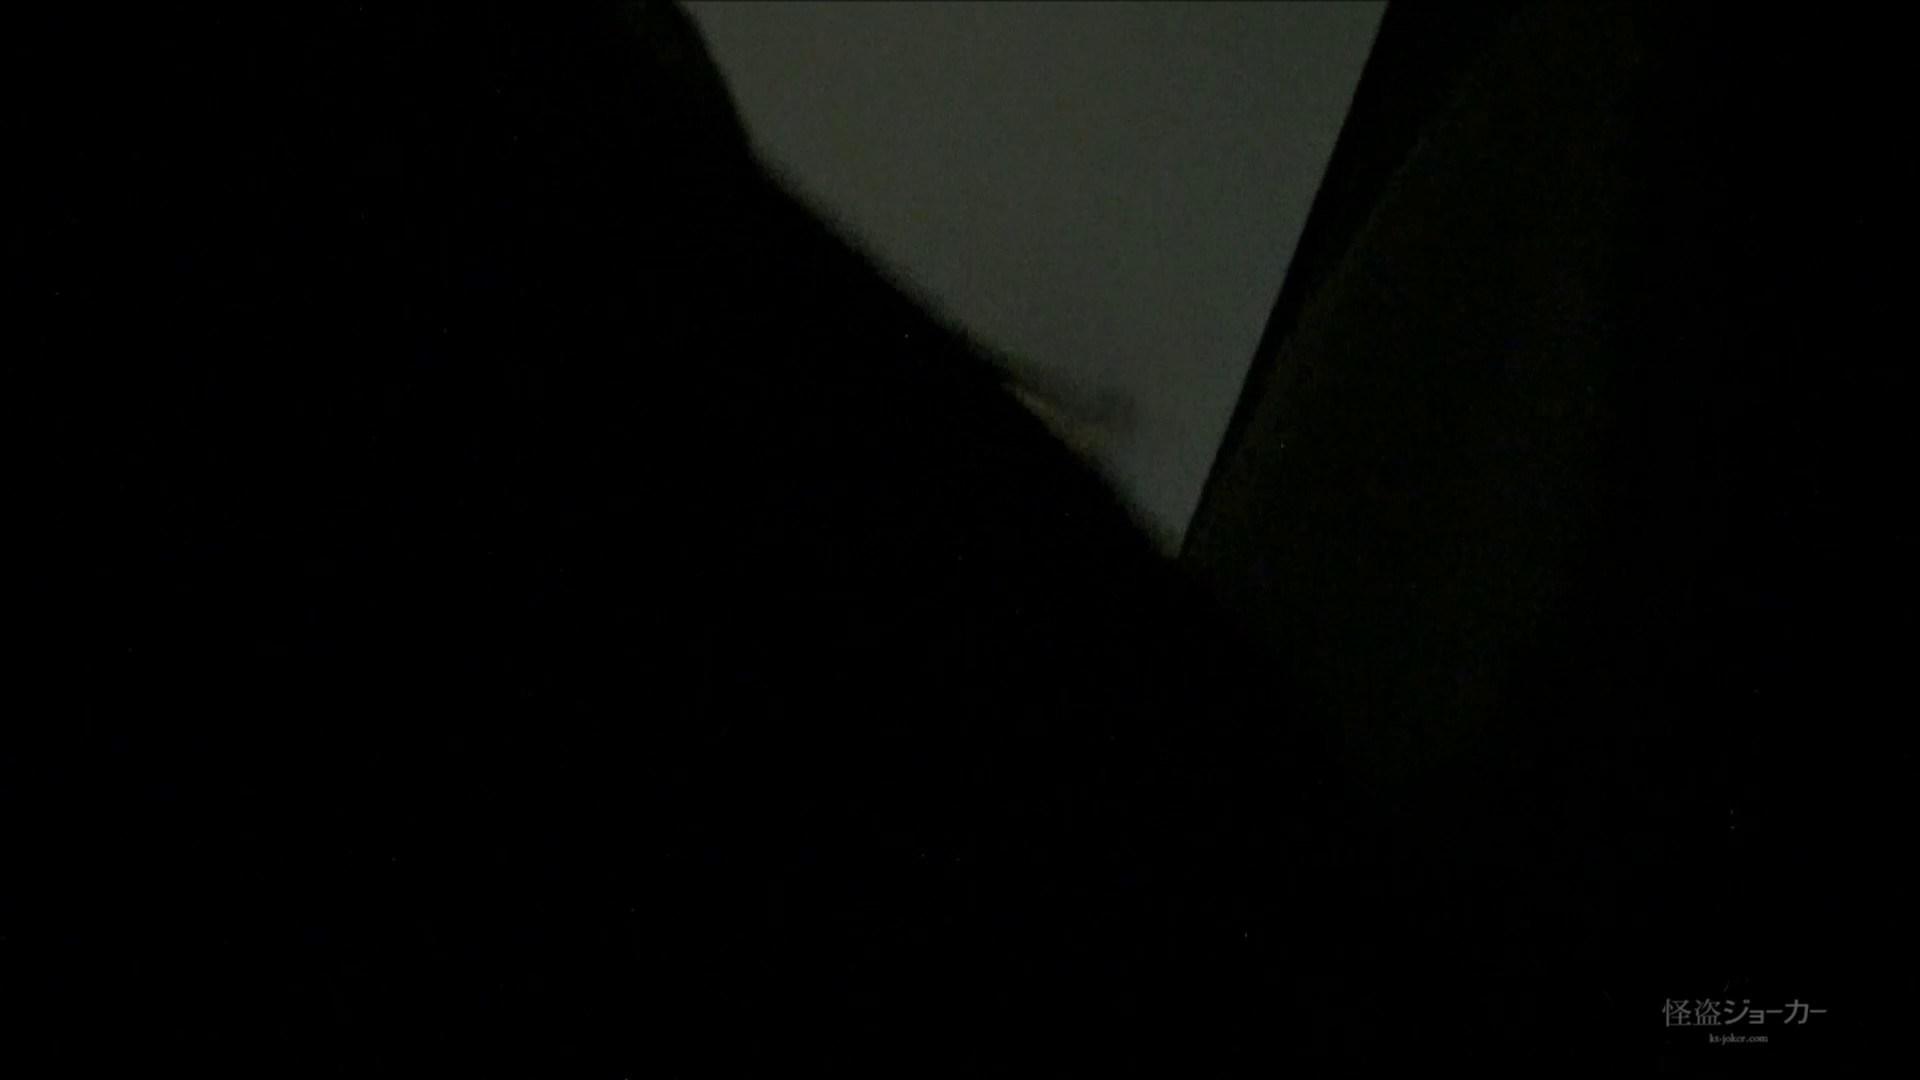 覗き見 Vol.3 覗き見 Vol.3♀ 向かいのお女市さん。 OL女体 | 覗き  87連発 41